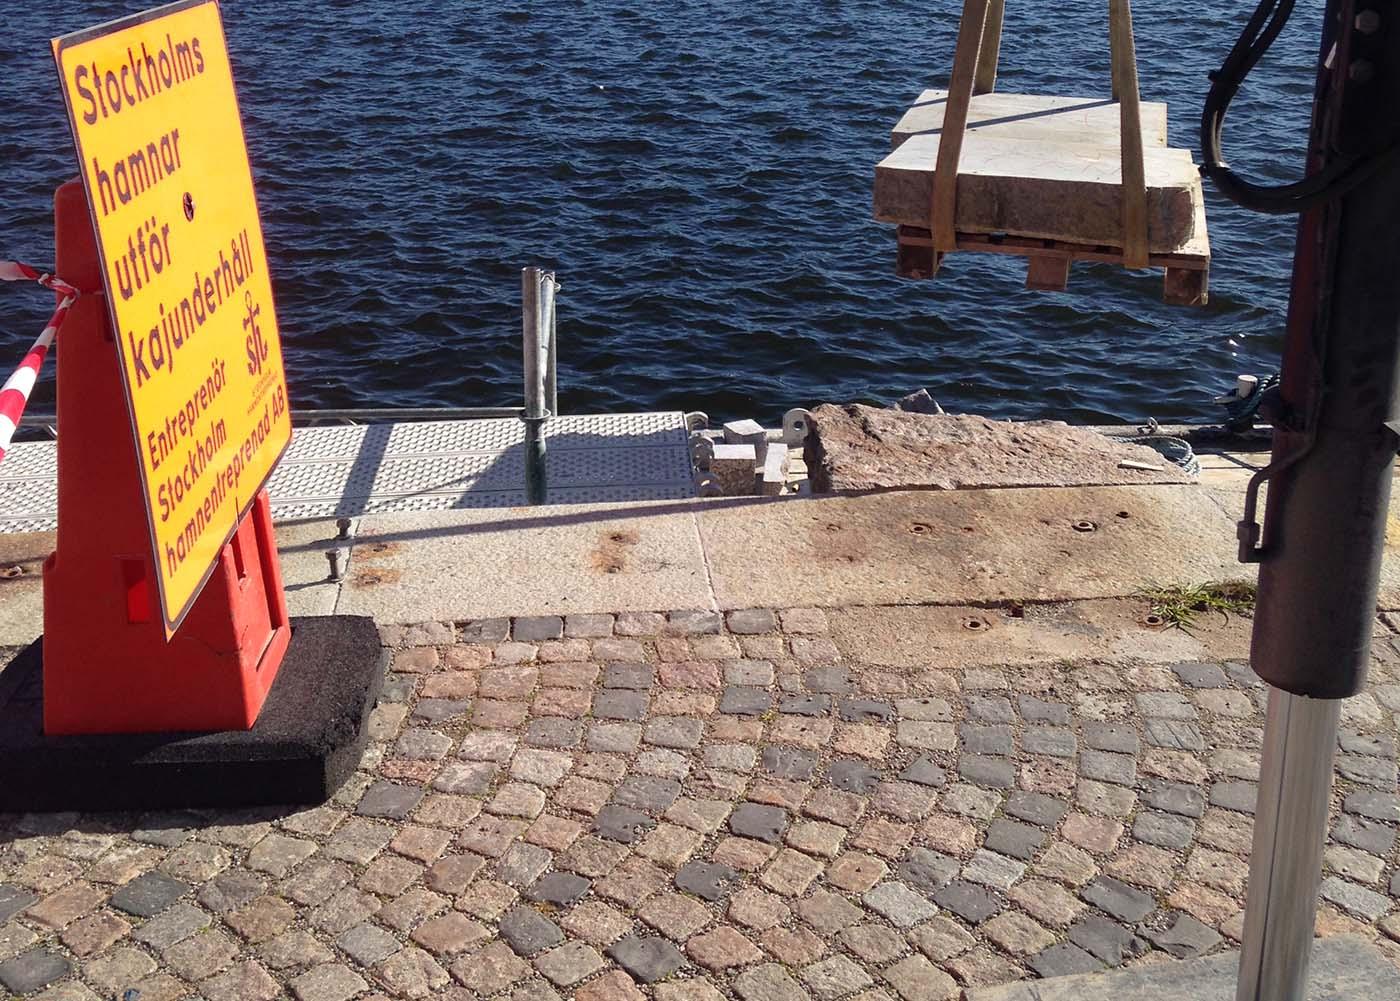 Anlita oss för markläggning i Stockholm. Här reparerar vi en kaj i Stockholm.